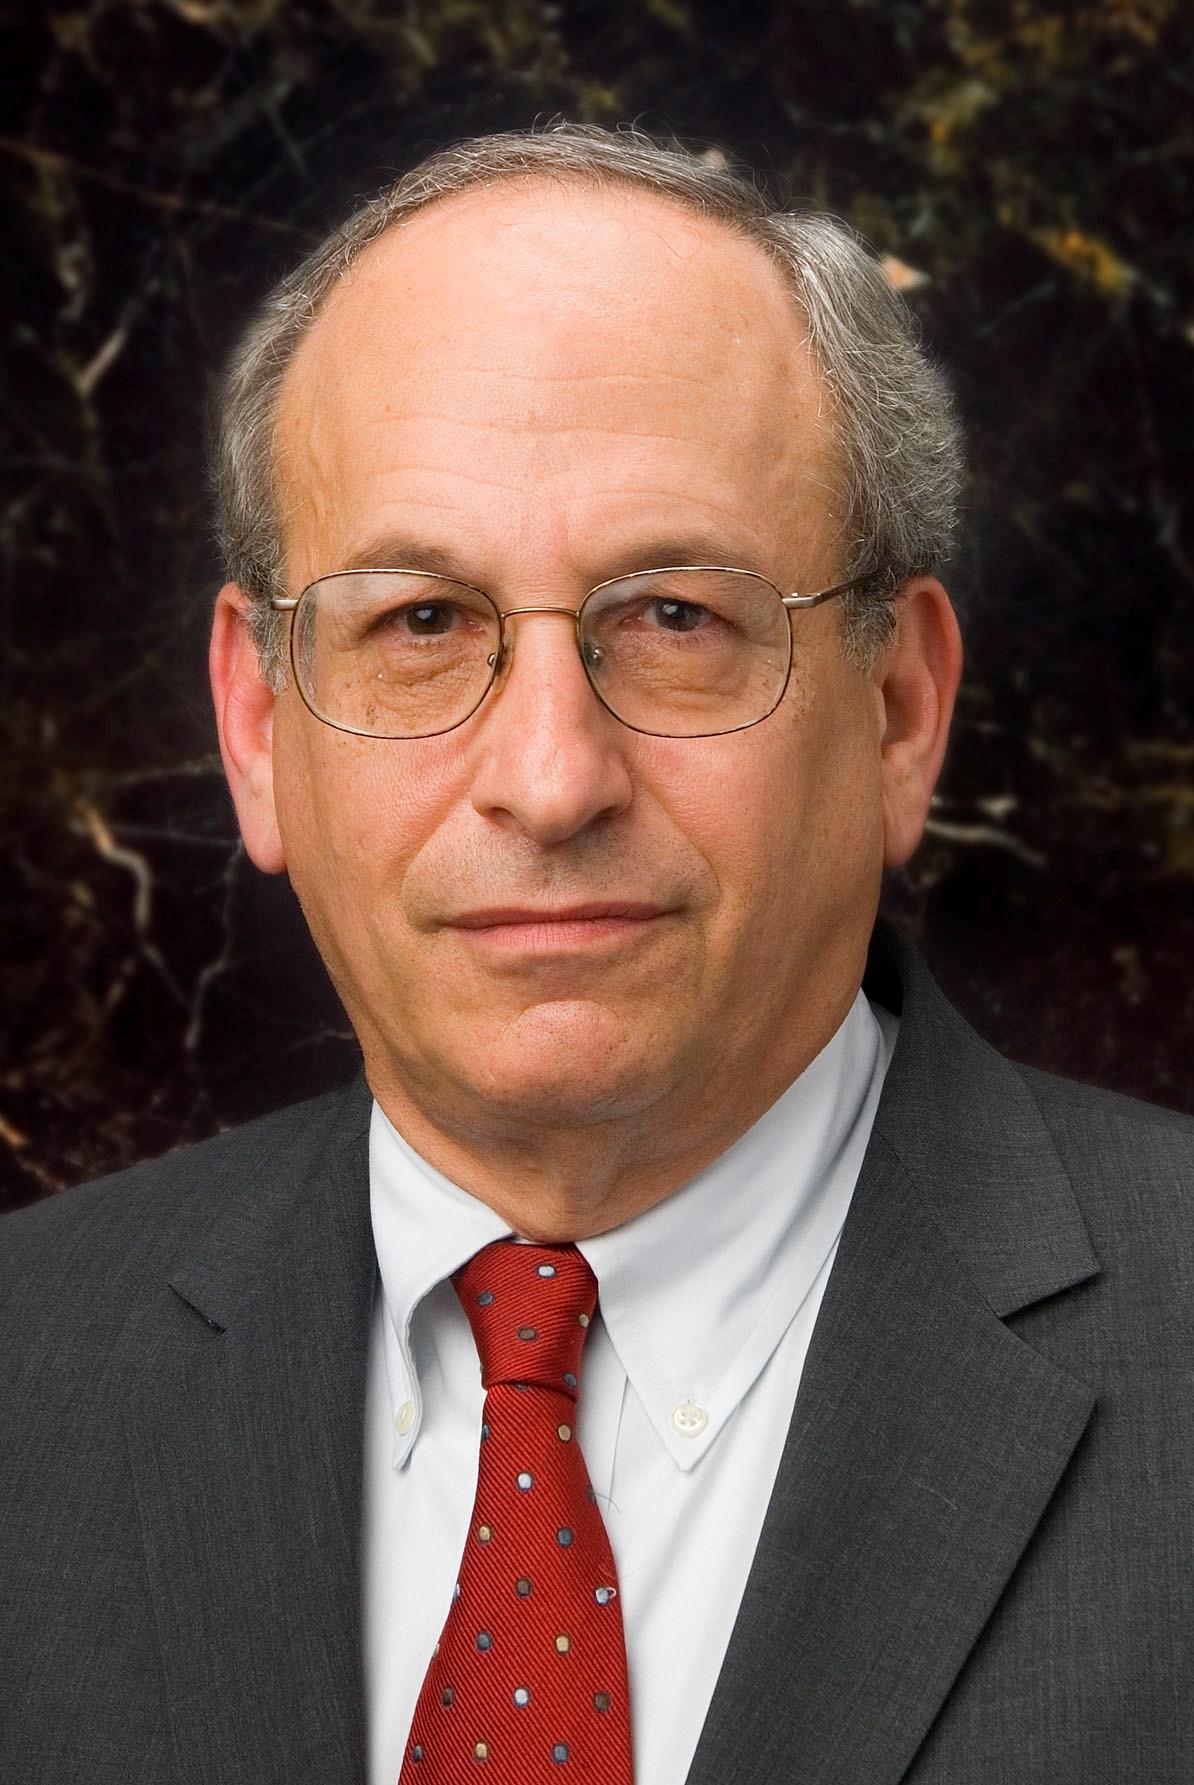 Dr. Donald L. Kohn